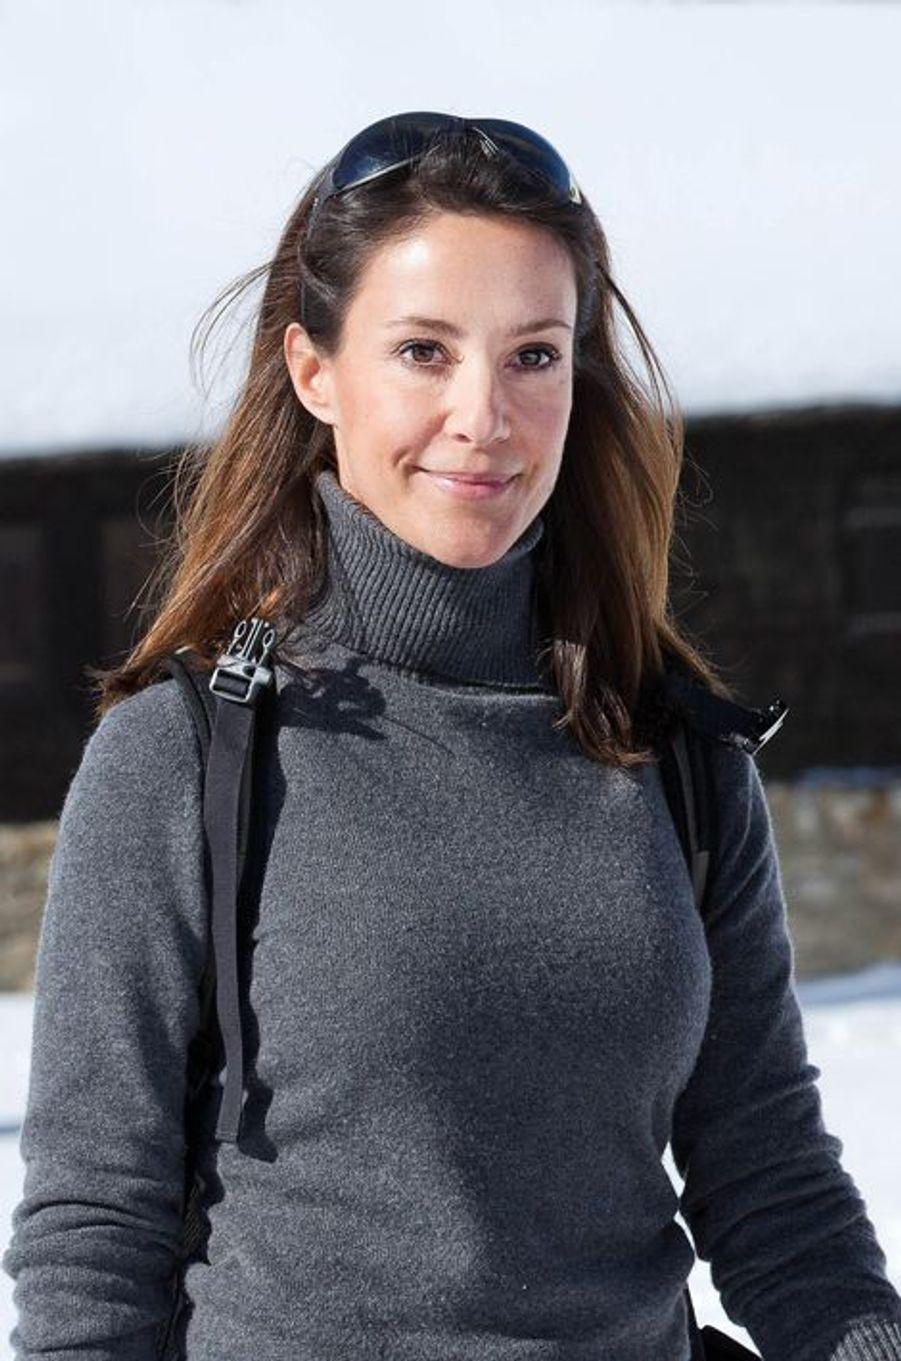 La princesse Marie de Danemark, en vacances à Villars-sur-Ollon, le 10 février 2015